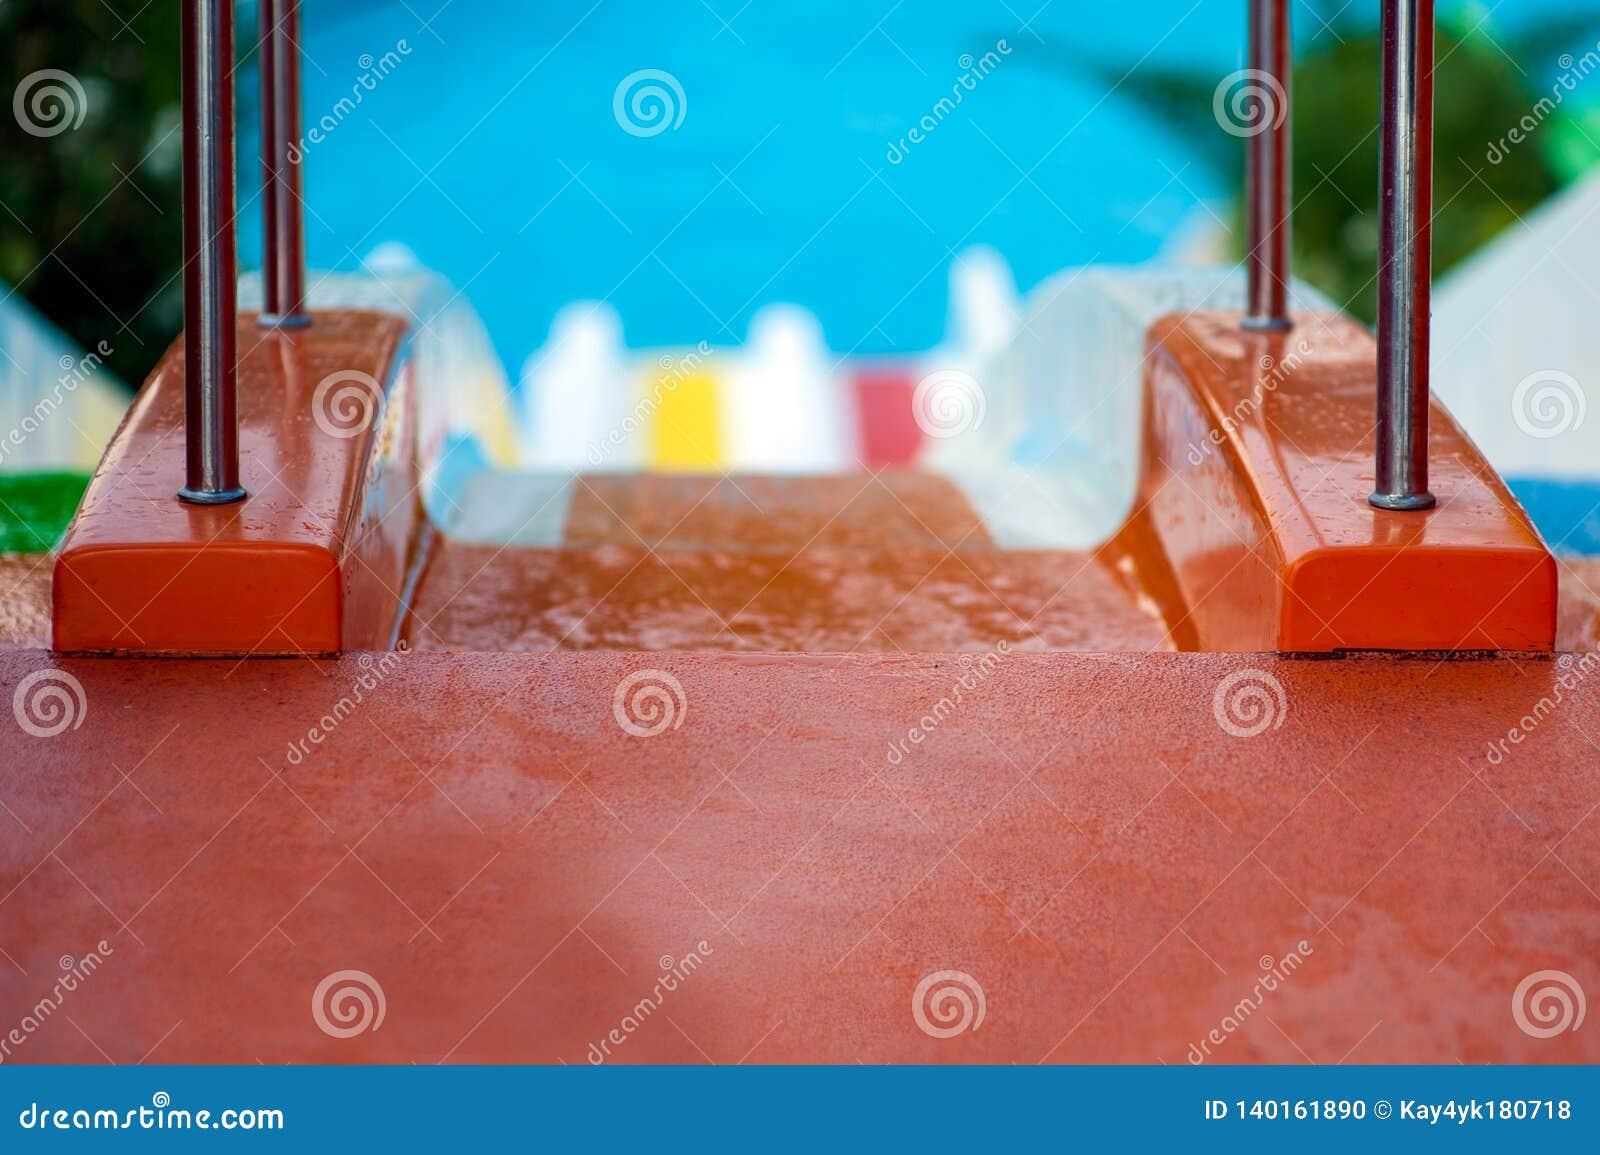 Acople o passeio do homem e da mulher com corrediças de água coloridas